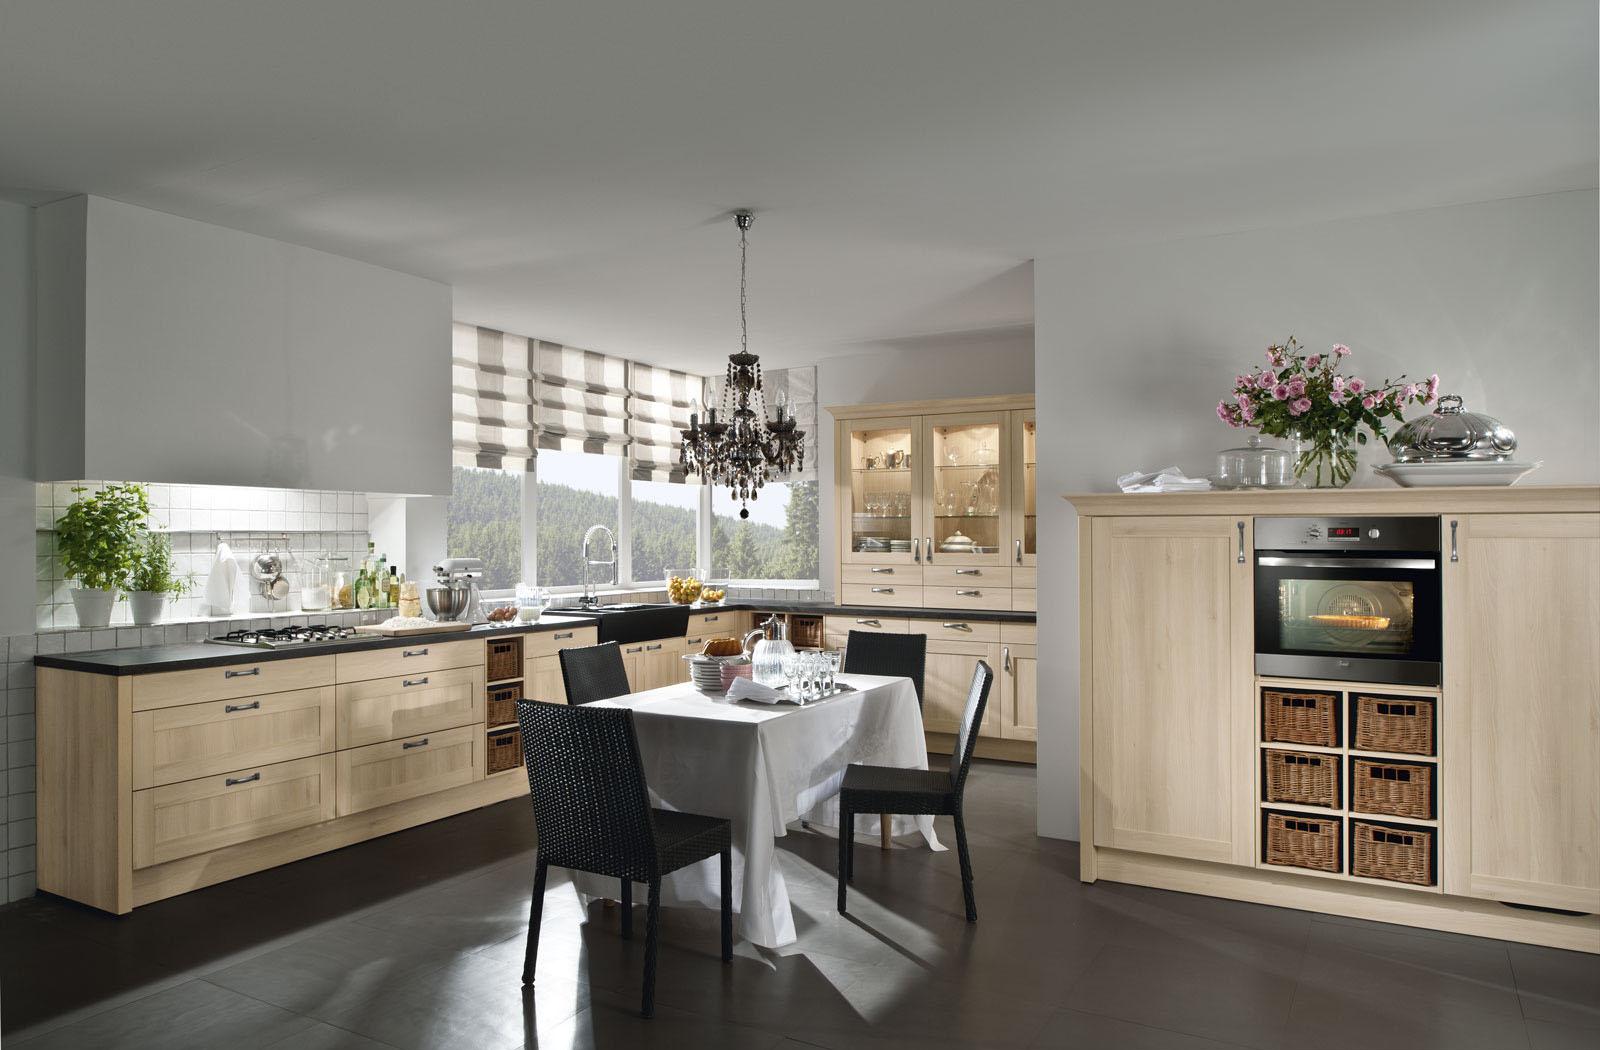 Duitse keuken voor duitse prijzen duitse keuken import bv